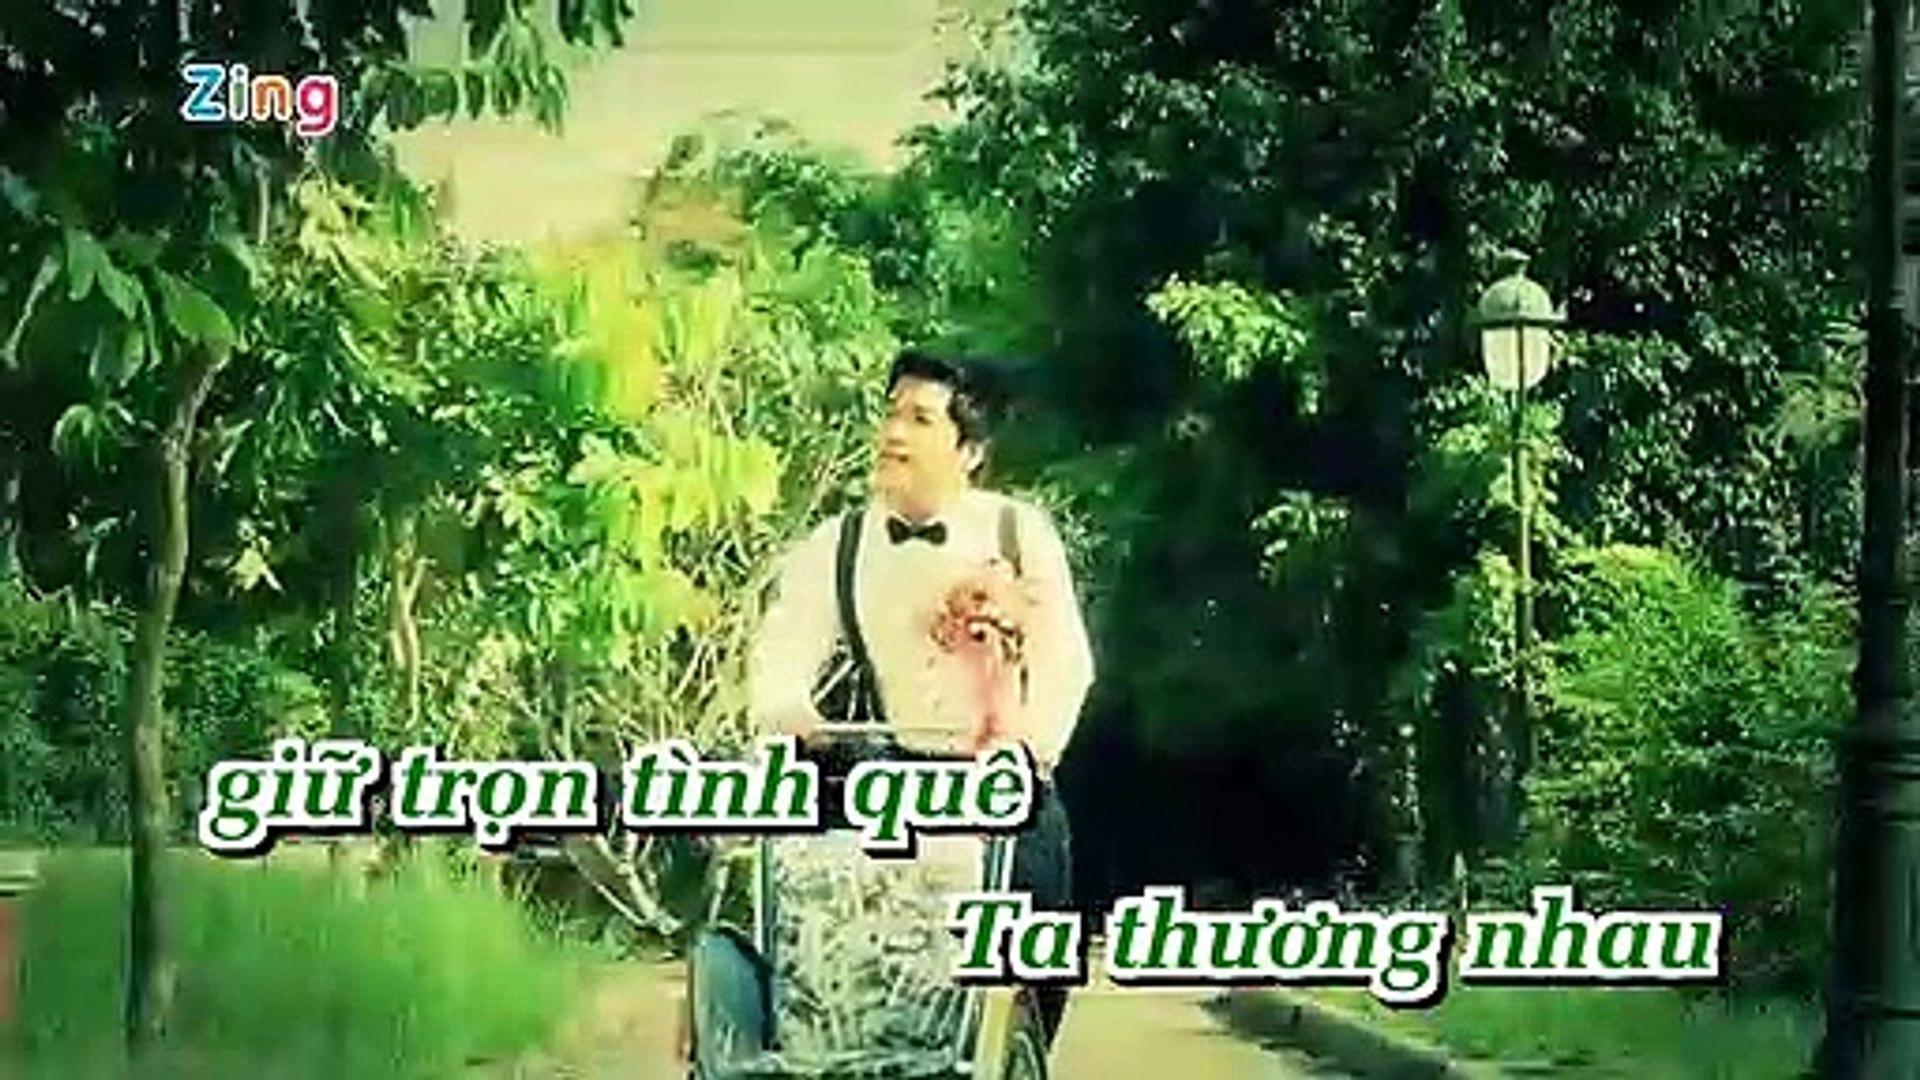 [Karaoke] Hoa Cài Mái Tóc - Đào Phi Dương [Beat]